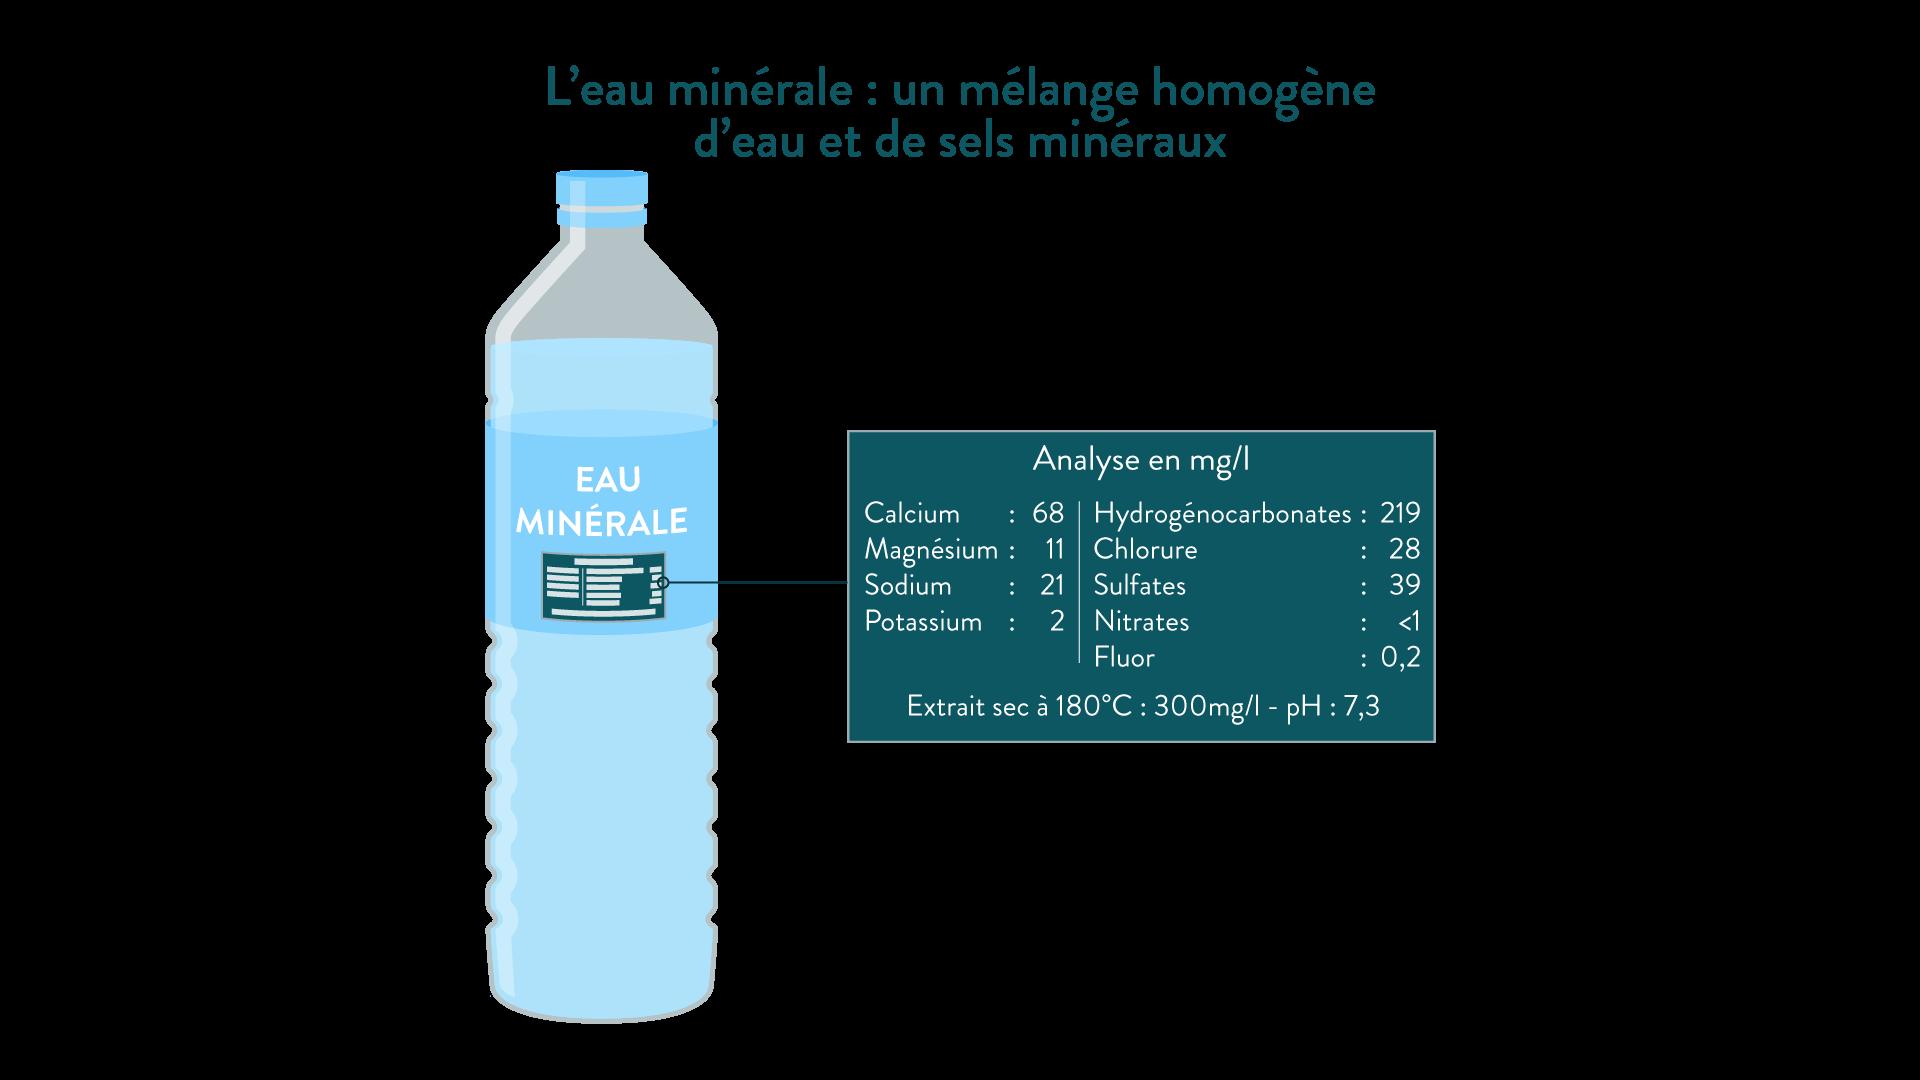 L'eau minérale: un mélange homogène d'eau et de sels minéraux physique-chimie 6eme schoolmouv